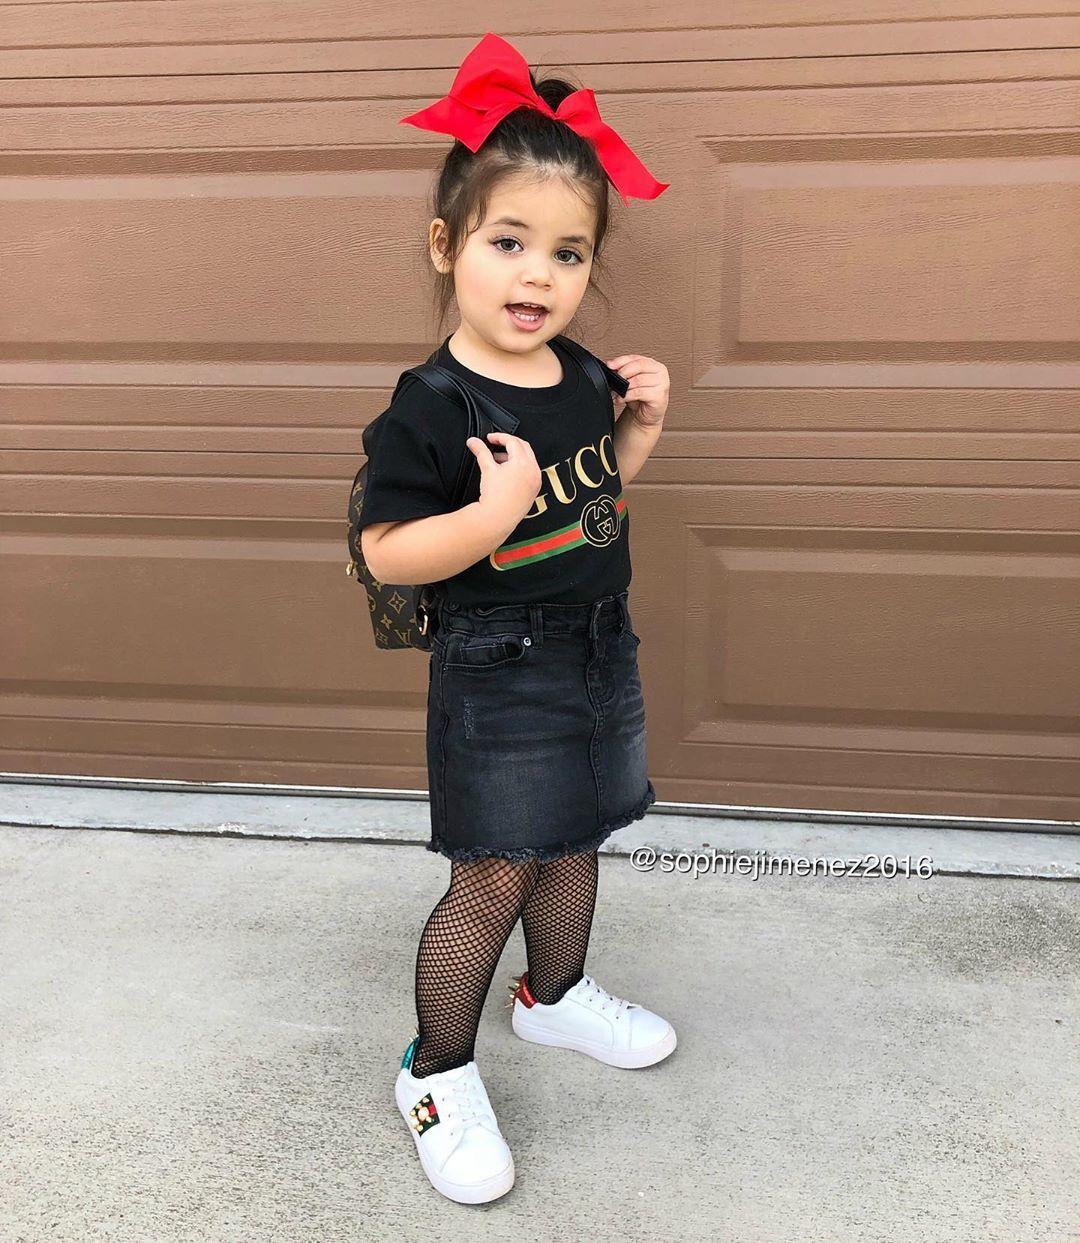 One of my Favorites outfits.. 👟#guccishoes 👚#guccitshirt👜#luisvuitton • • • • • #ig_fashionkiddies #fashionistas_minis #thetrendikidz #threndykidz #spectacular_kidz #kidsfashion #kidsfashionmodel #fashionkids #kidsfashionstyle #kidsfashion_worldwide #kidszootd #ig_fashionkiddies #igkiddies #fashionista_street_style #cutest_kiddies #kidsbabylove #minibeautiesandgents #igfashionkids #fashionselection #fashionactive #stylishkidz_world #kidsfasion #kidzootd #ootd #kidsofintagram #mommyanddaughter